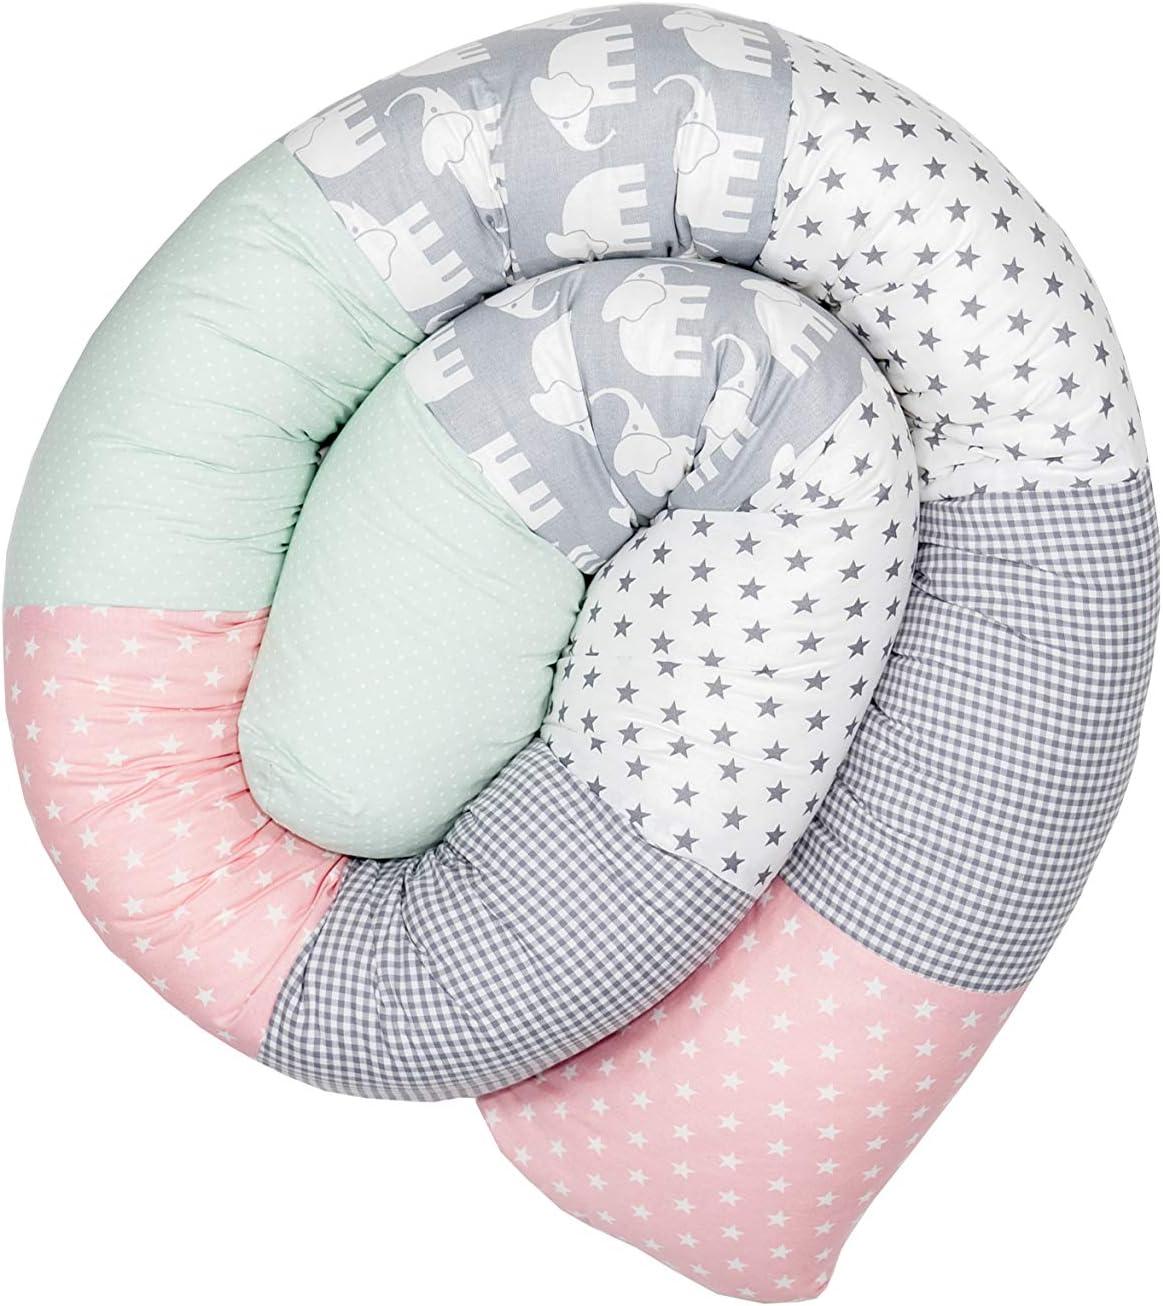 Cojín protector para cuna de ULLENBOOM ®, cojín chichonera en forma de serpiente elefantes menta rosa (ideal para proteger al bebé de los barrotes de la cuna o como cojín de apoyo)